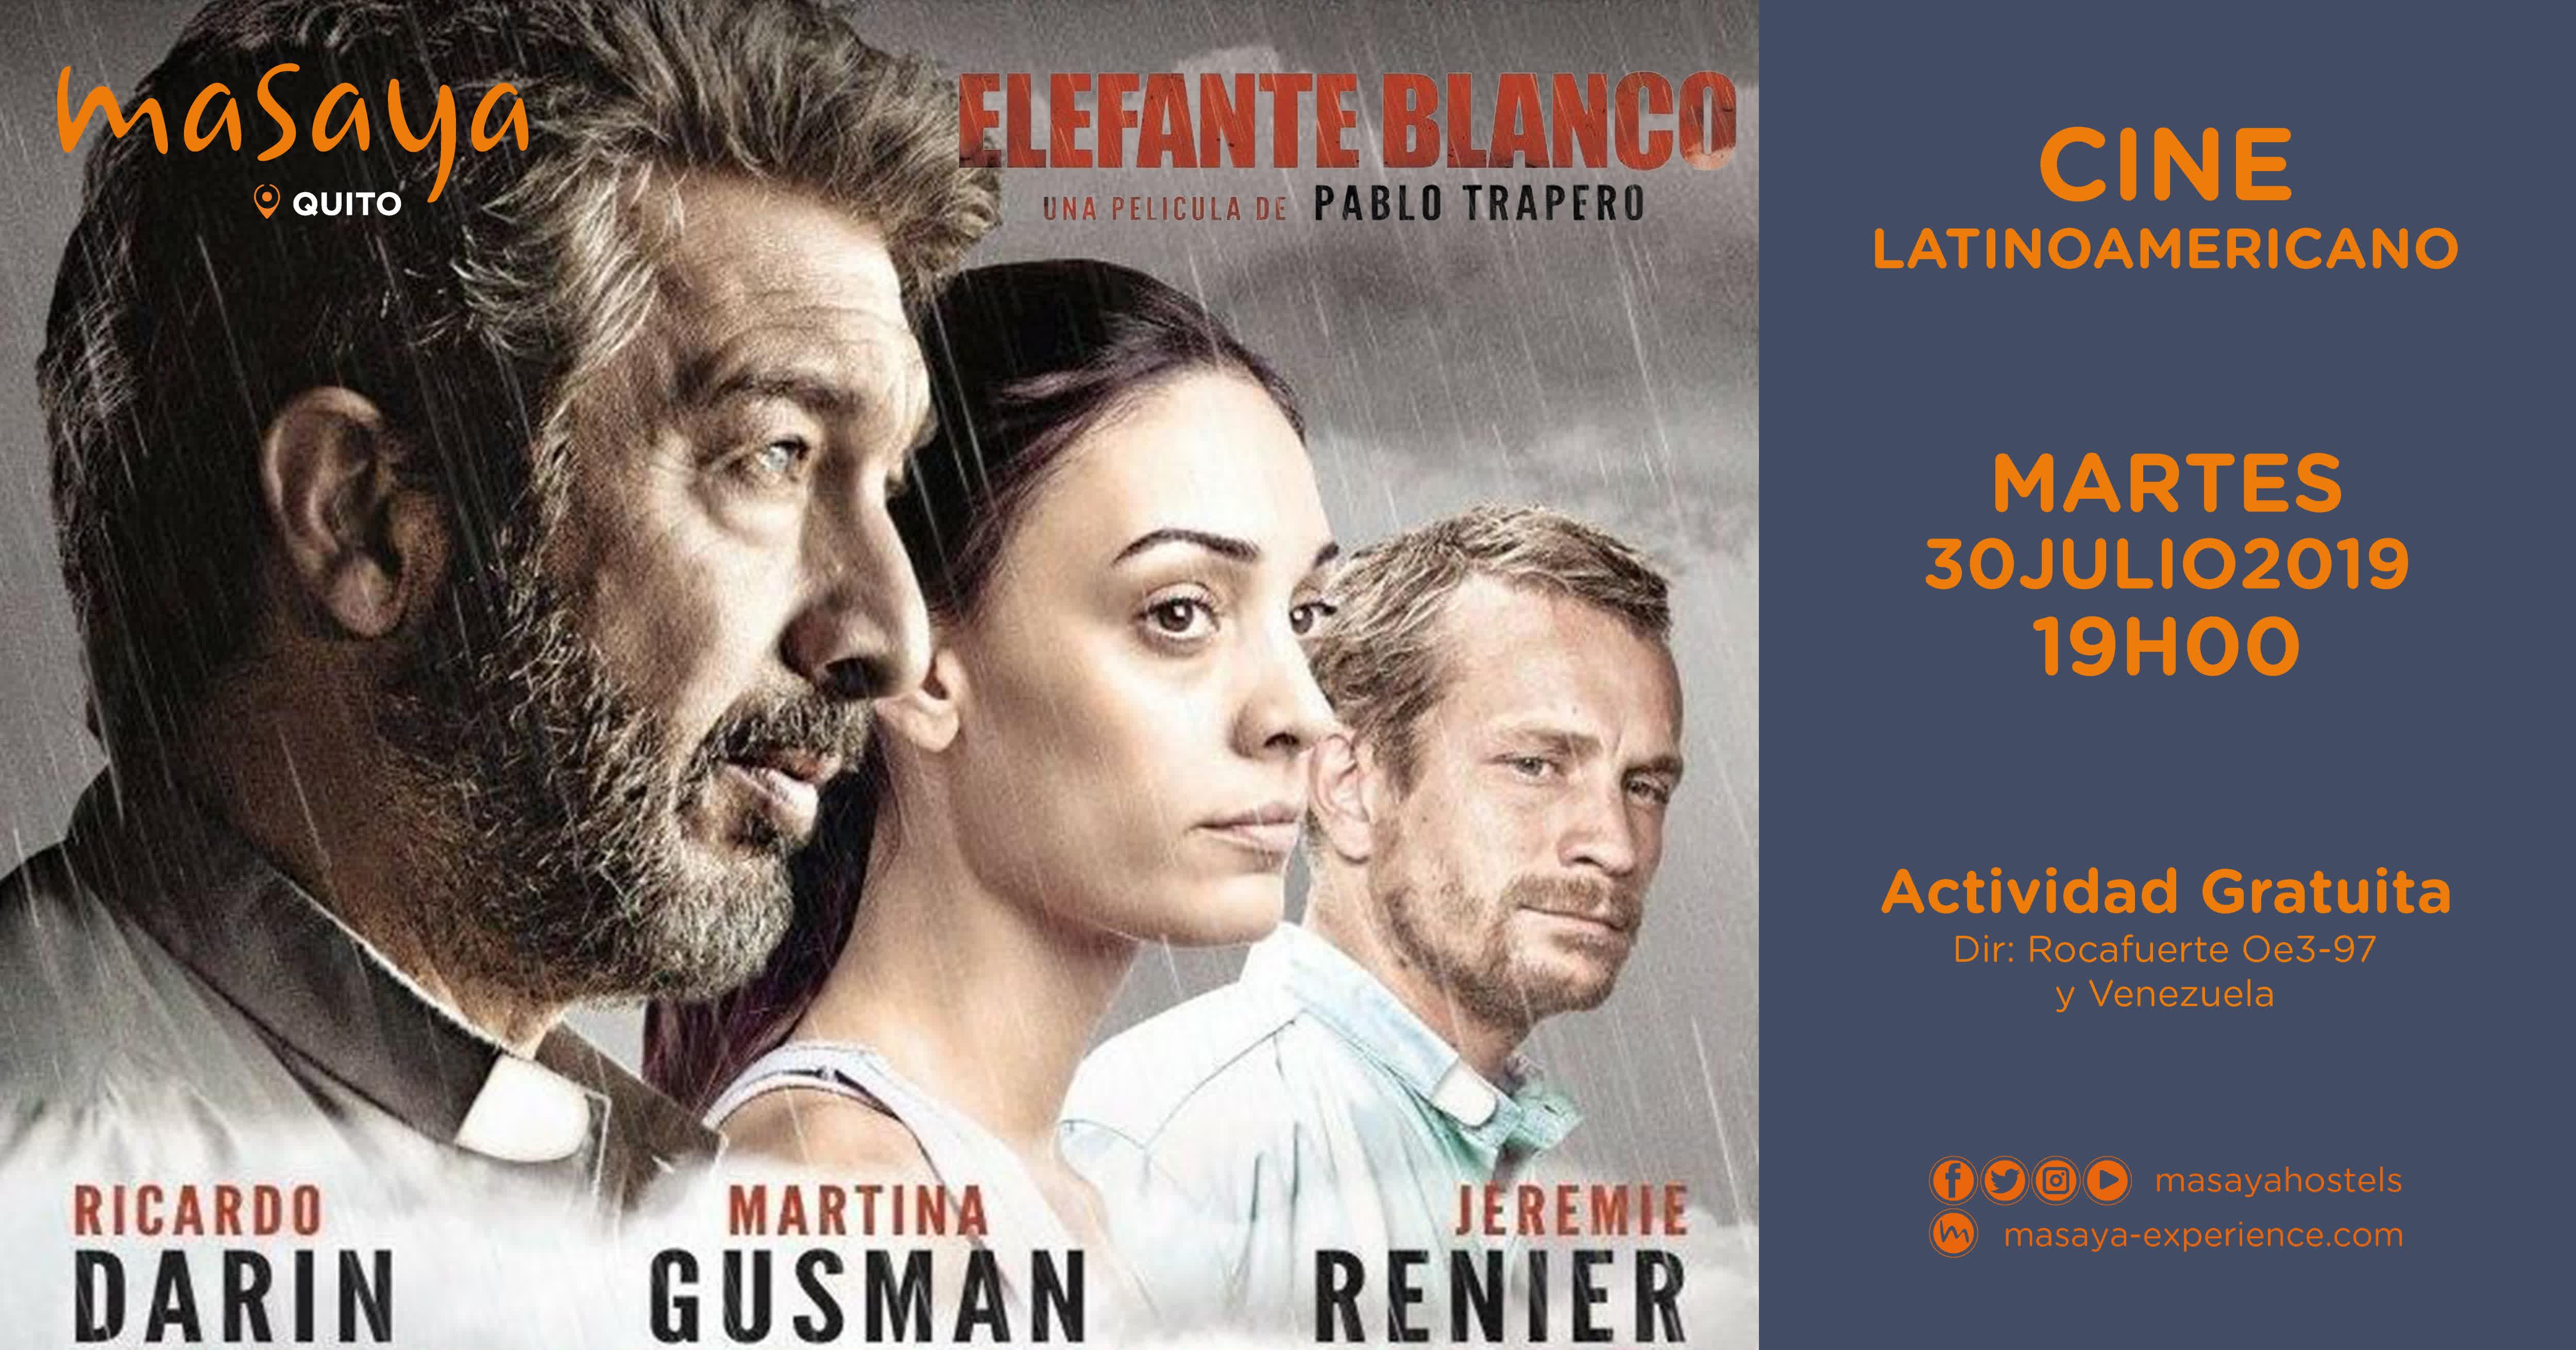 Cine Latinoamericano - Elefante Blanco en Quito, BuenPlan